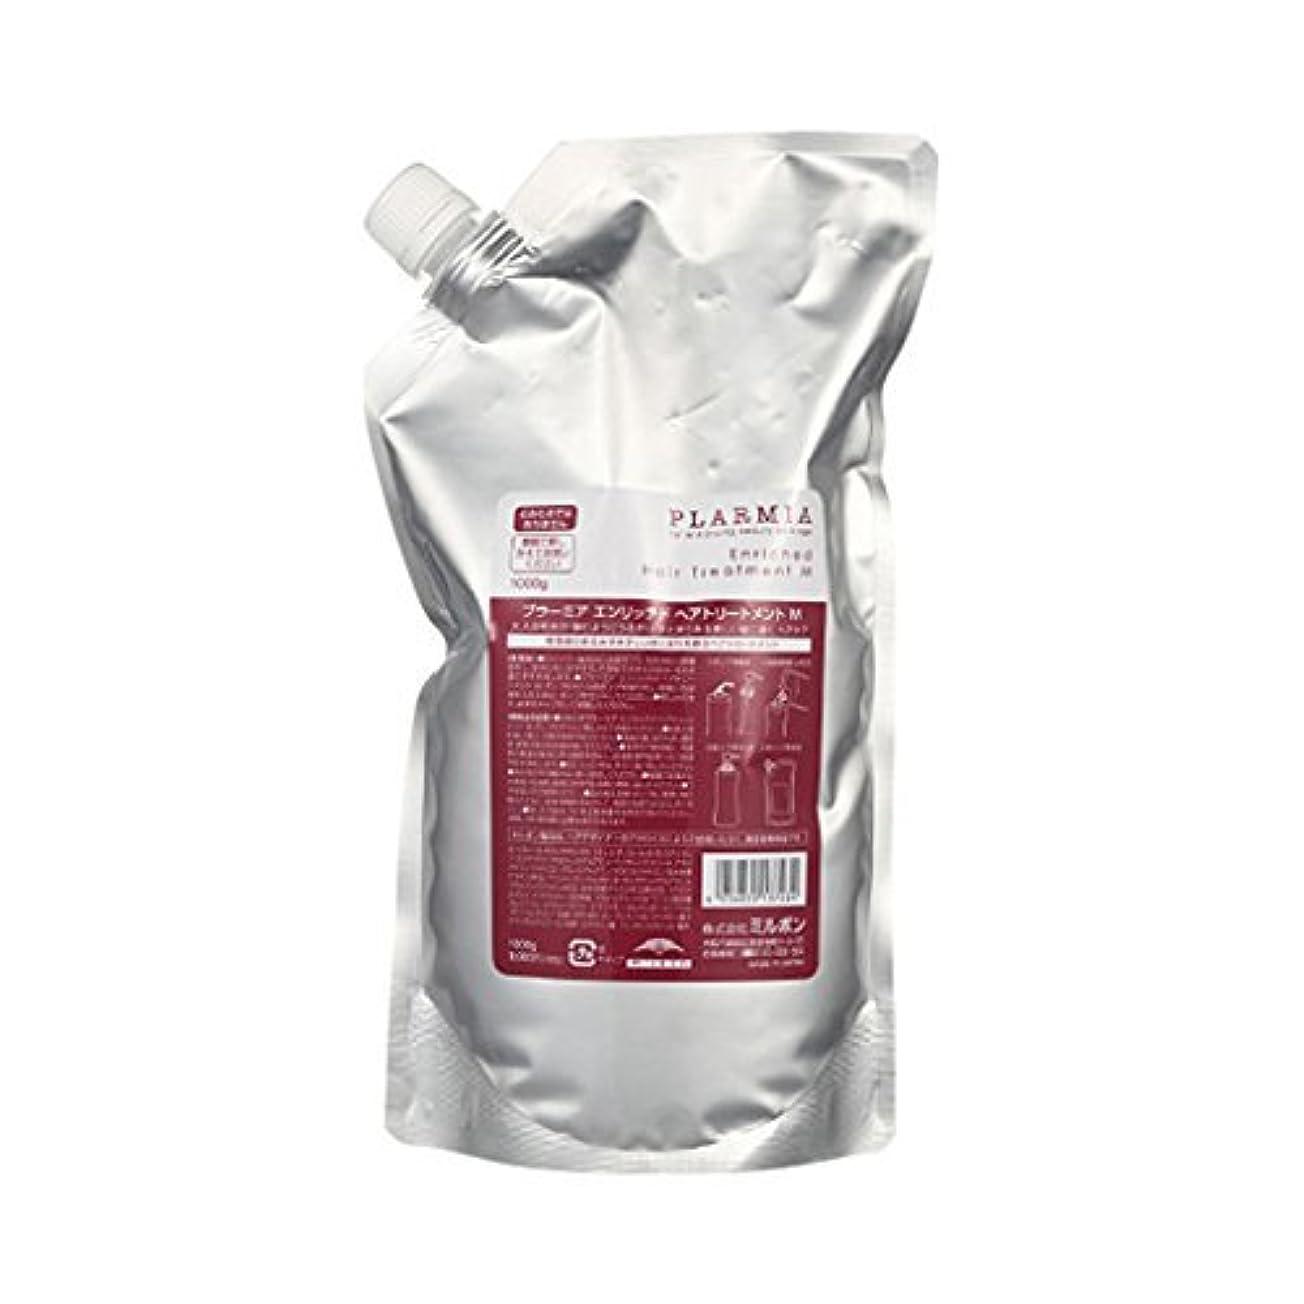 薬まつげ光ミルボン プラーミア エンリッチド トリートメントM (1000gパック) 詰替用